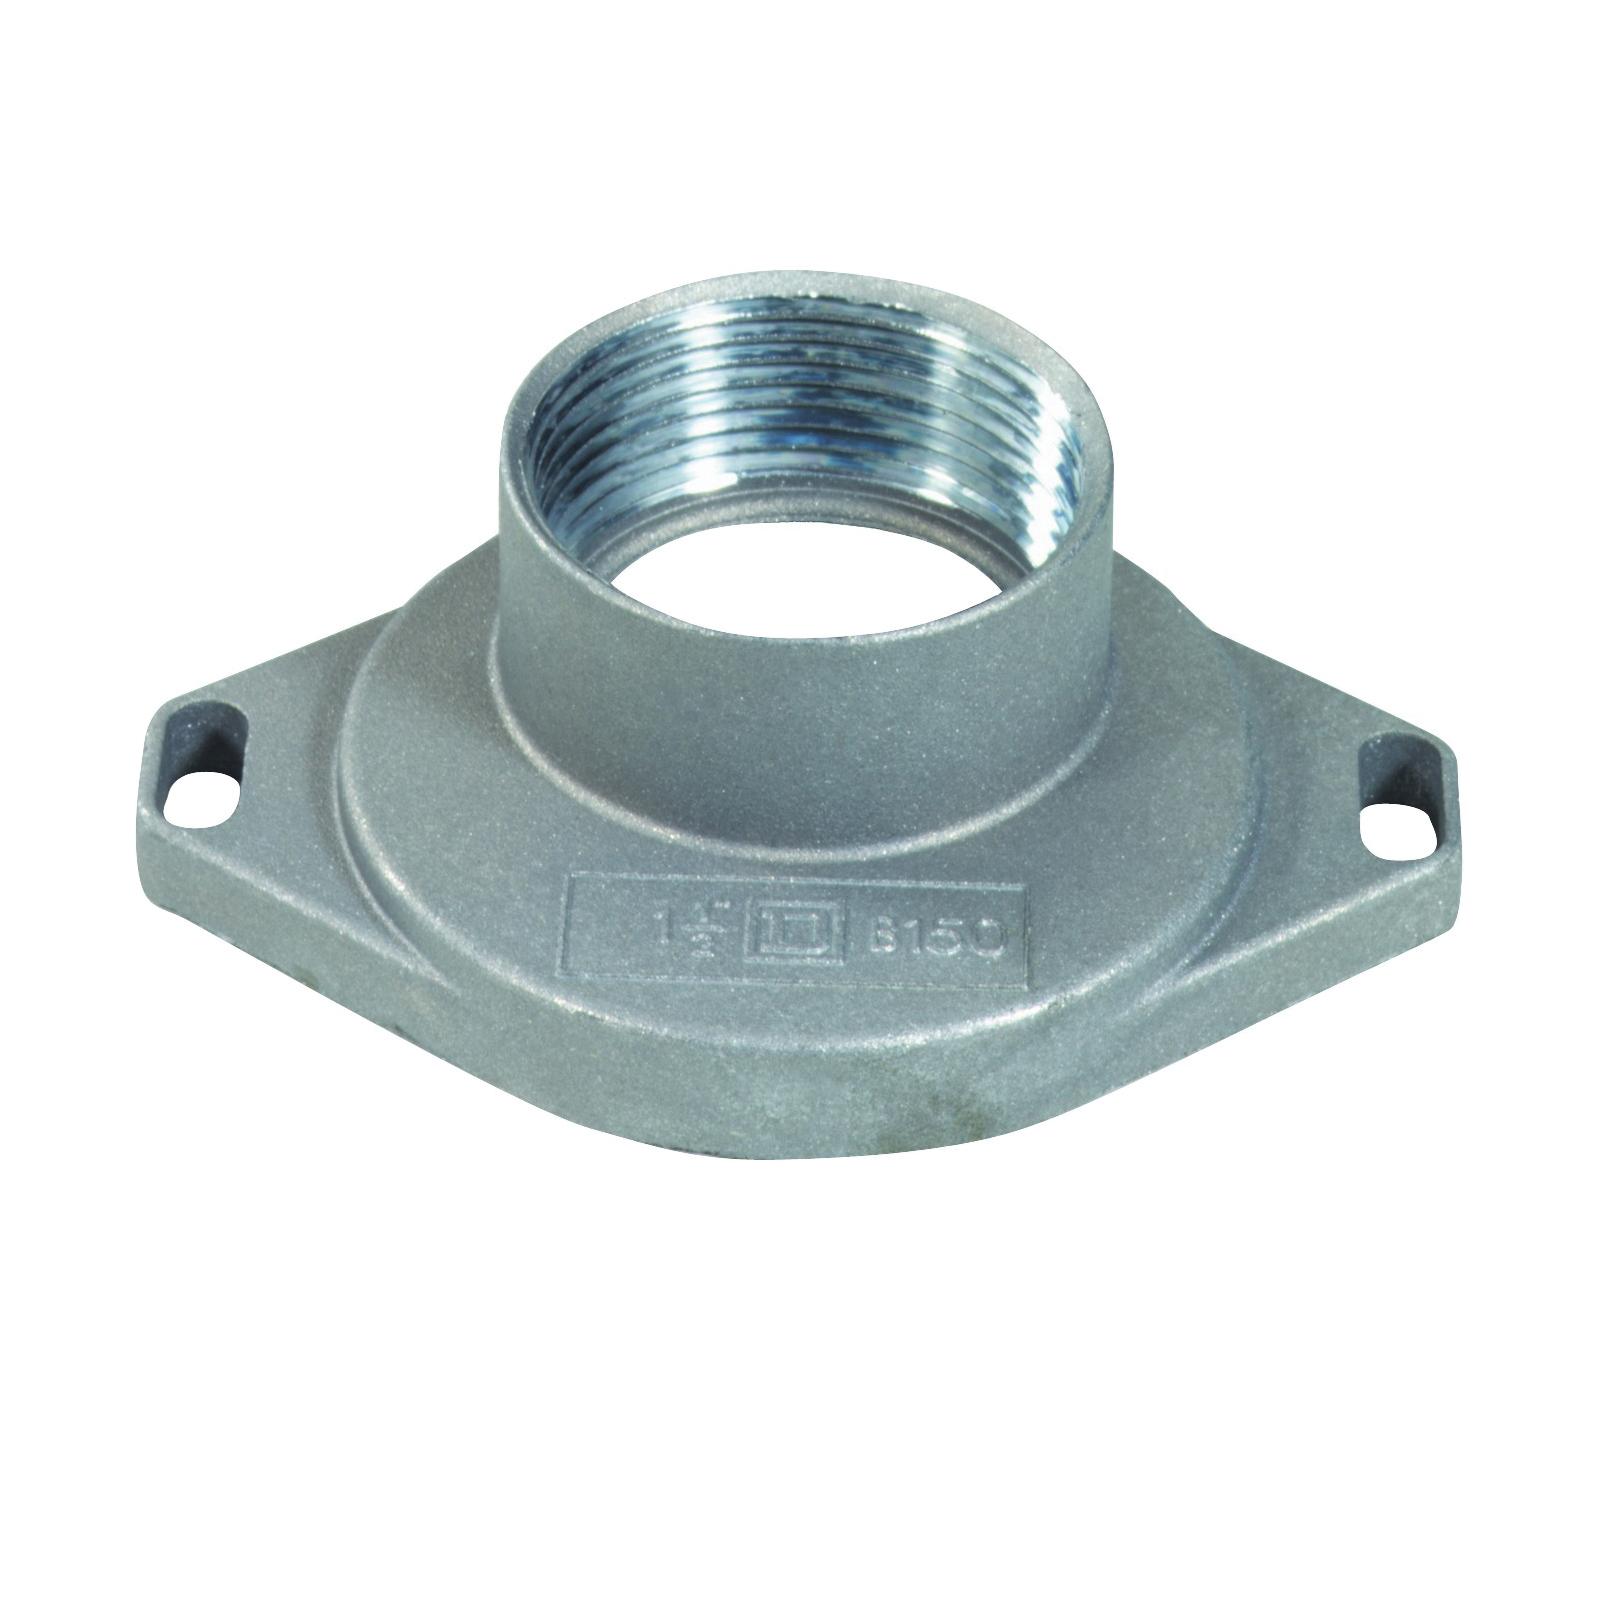 Picture of Square D B150 Conduit Hub, 1-1/2 in, Aluminum